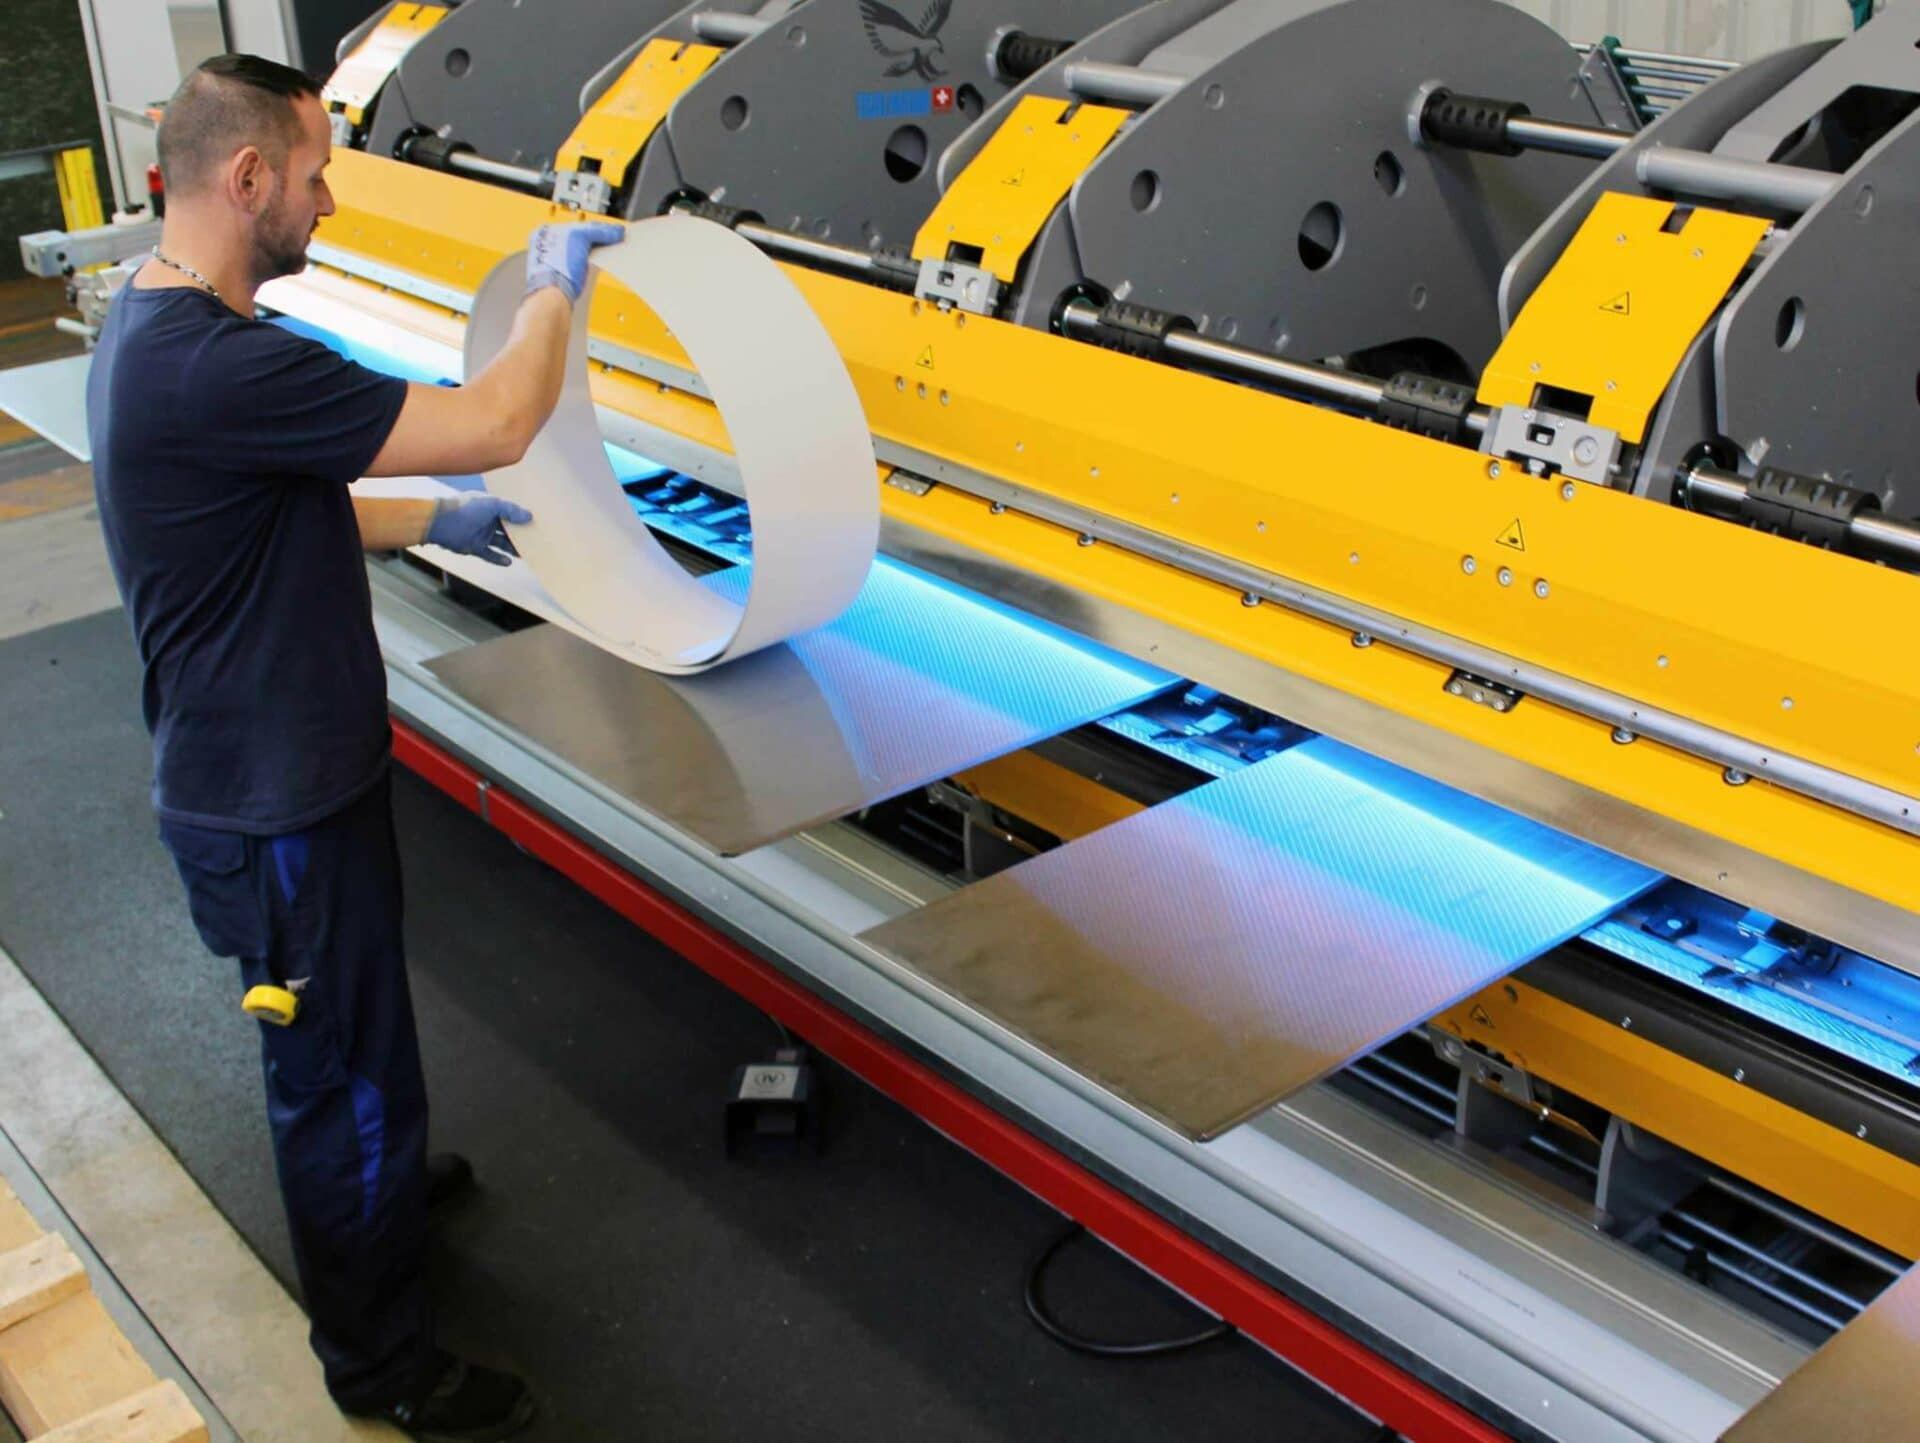 NUR EIN BEDIENER:Dank des vollautomatischen Blecheinlege- und Einzugstischs kann der komplette Biegevorgang von SCHRAG-Mitarbeiter Sascha Swiat problemlos auch alleine bewerkstelligt werden.